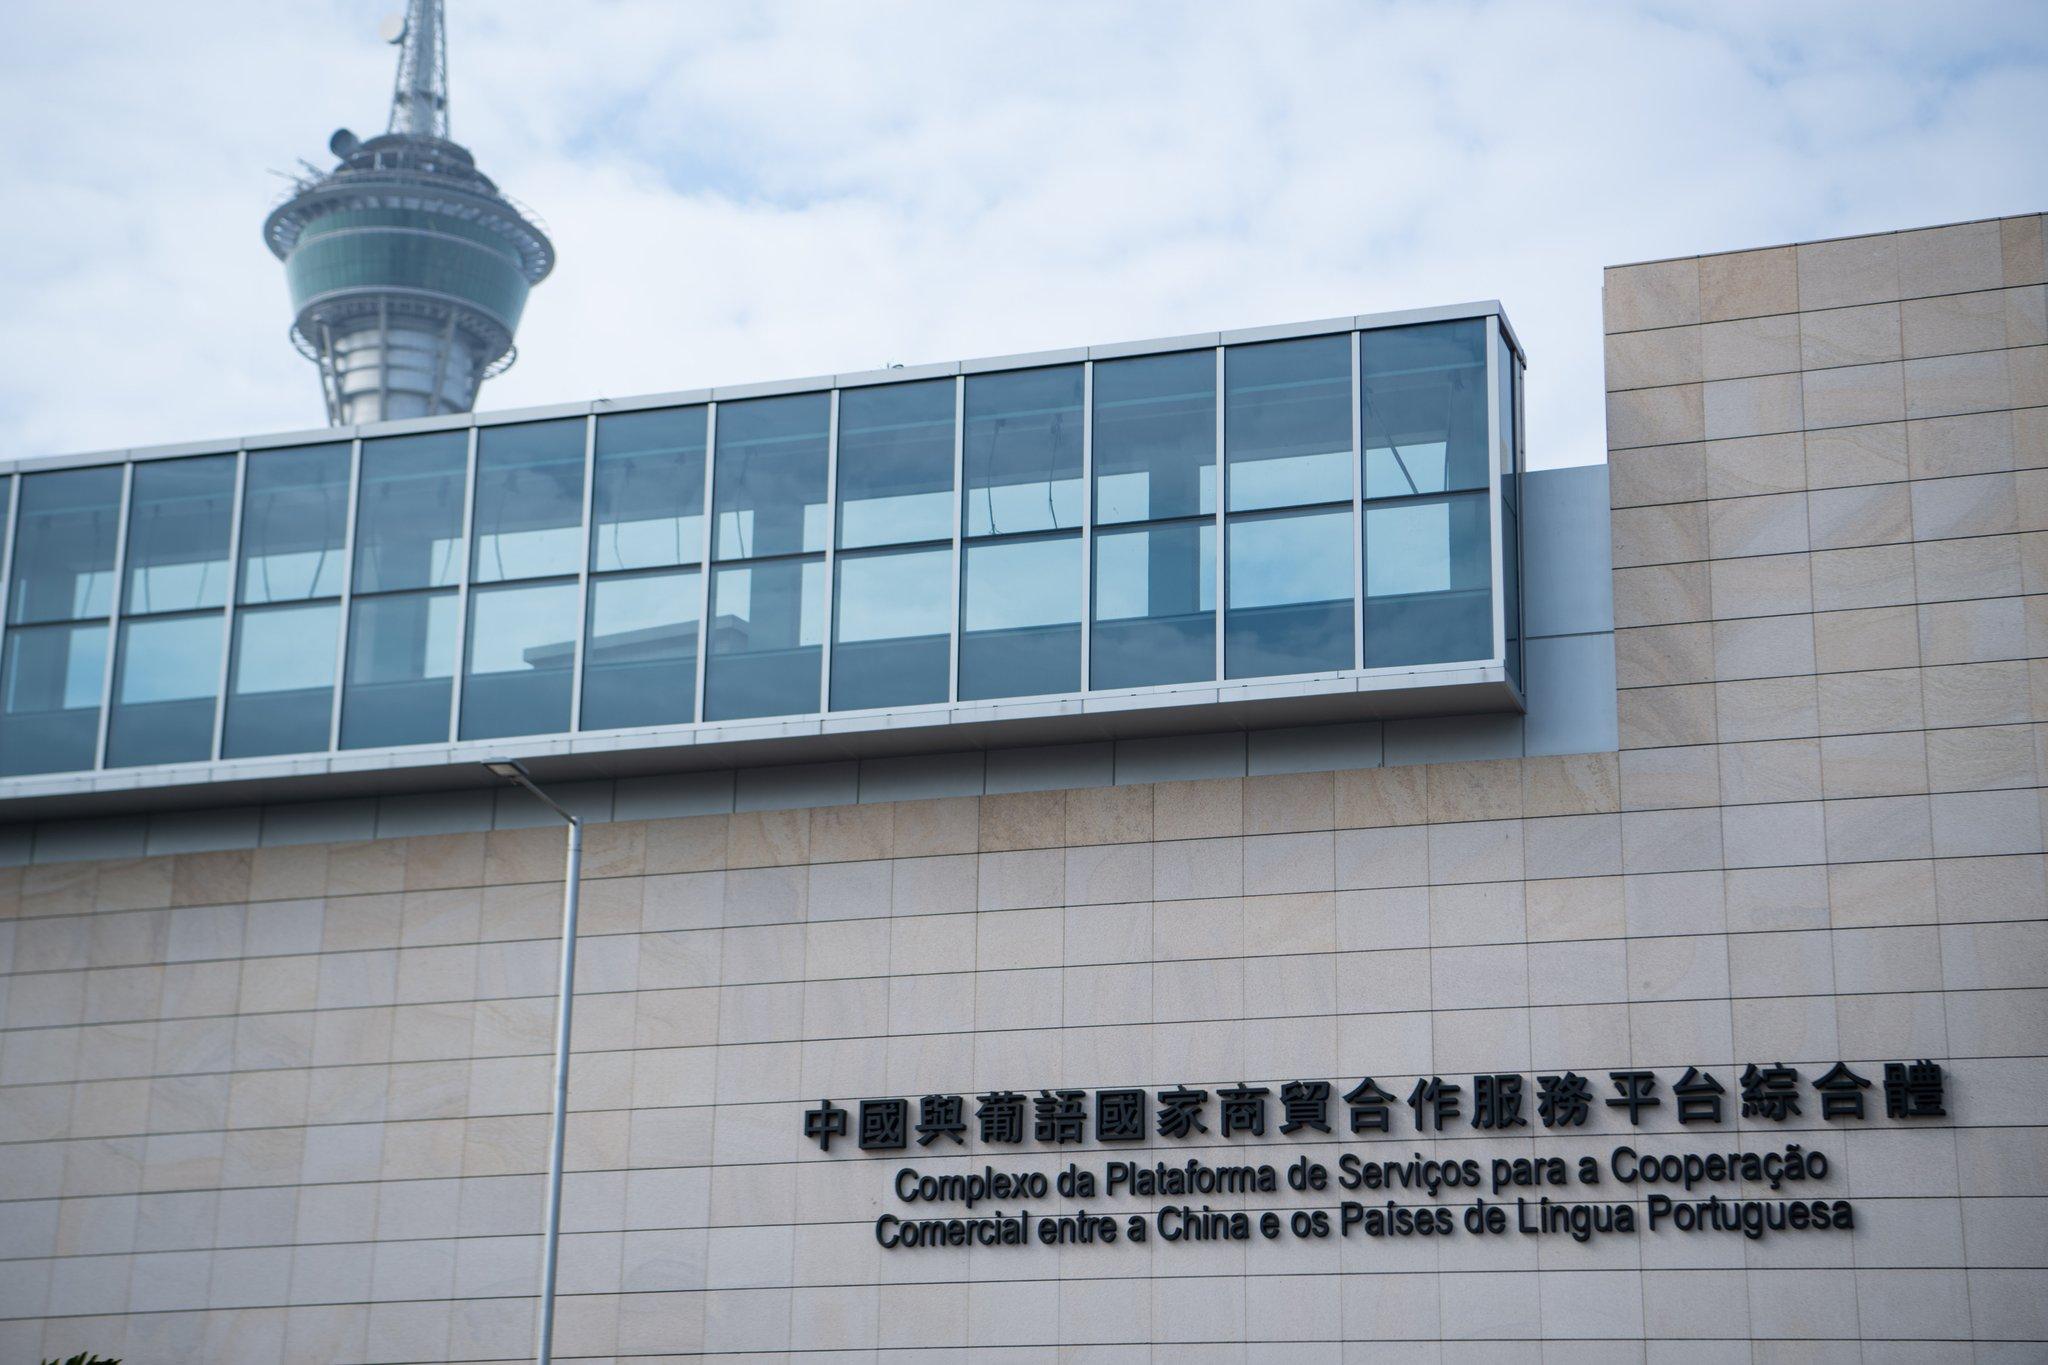 Xi elogia progreso en construcción de plataforma de servicios para cooperación comercial entre China y países lusófonos